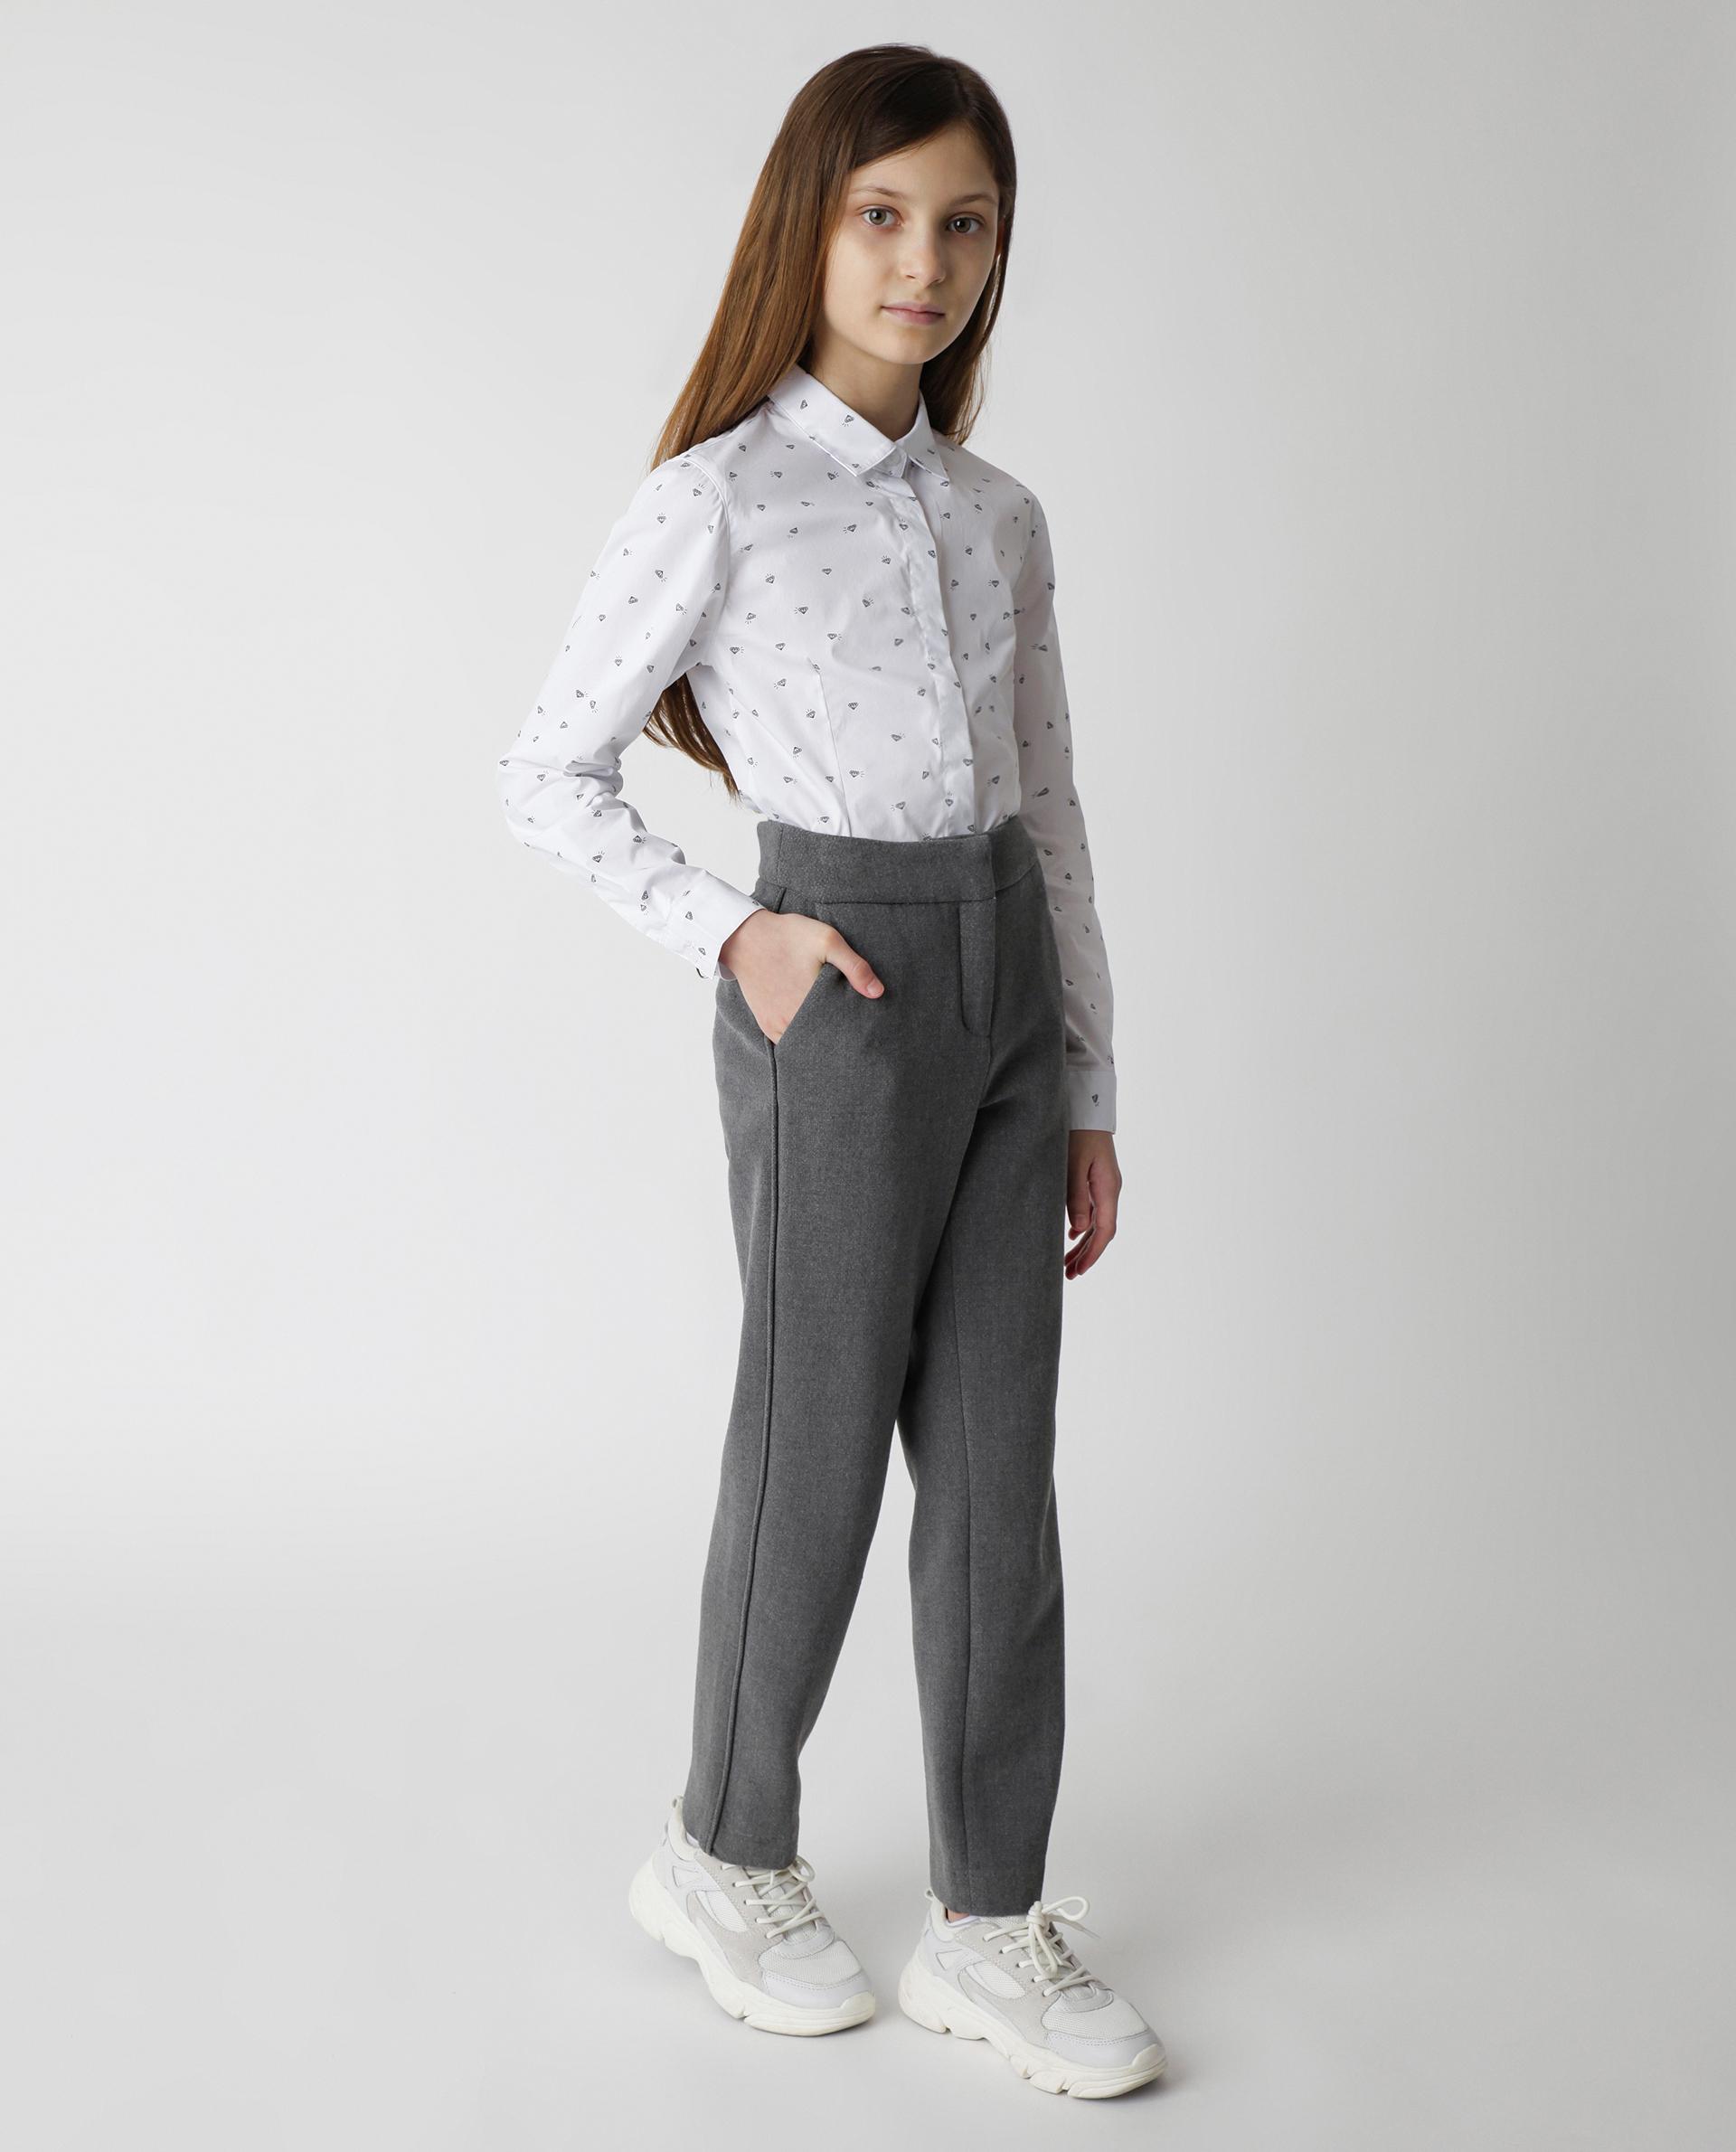 Купить 220GSGC6302, Серые брюки Gulliver, серый, 170, Женский, Демисезон, ШКОЛЬНАЯ ФОРМА 2020-2021 (shop: GulliverMarket Gulliver Market)